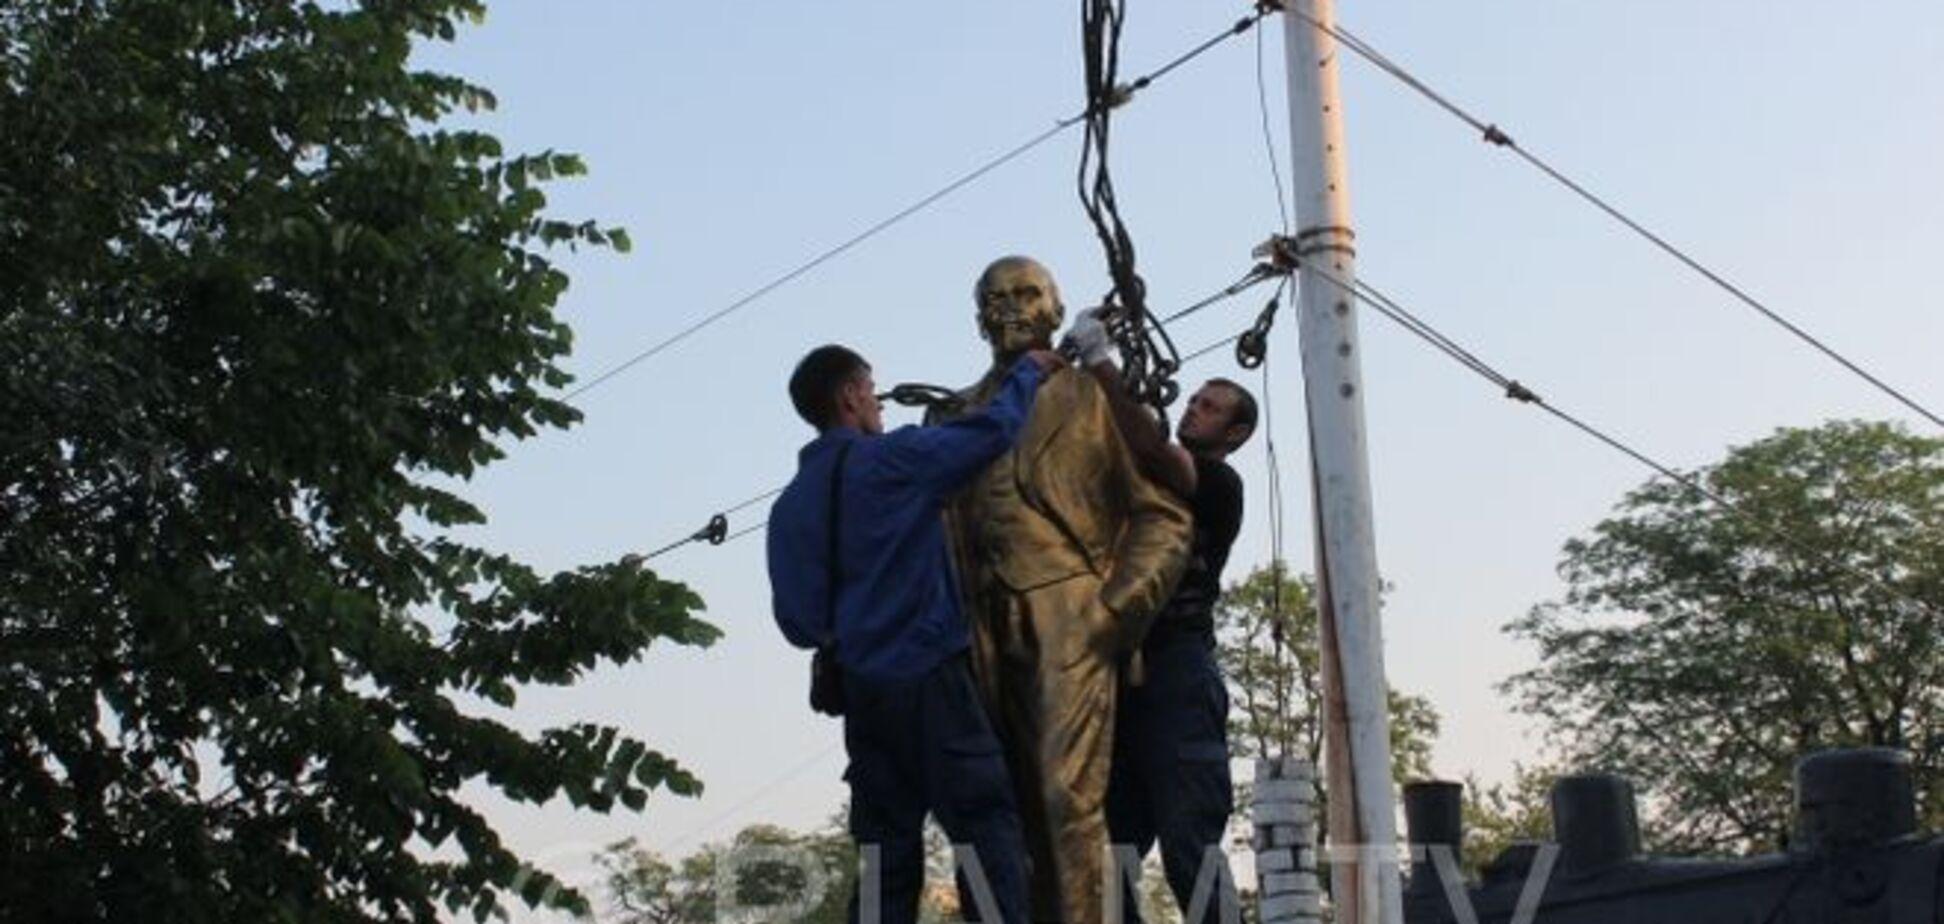 В Мелитополе за два часа убрали сразу три памятника Ленину: видеофакт